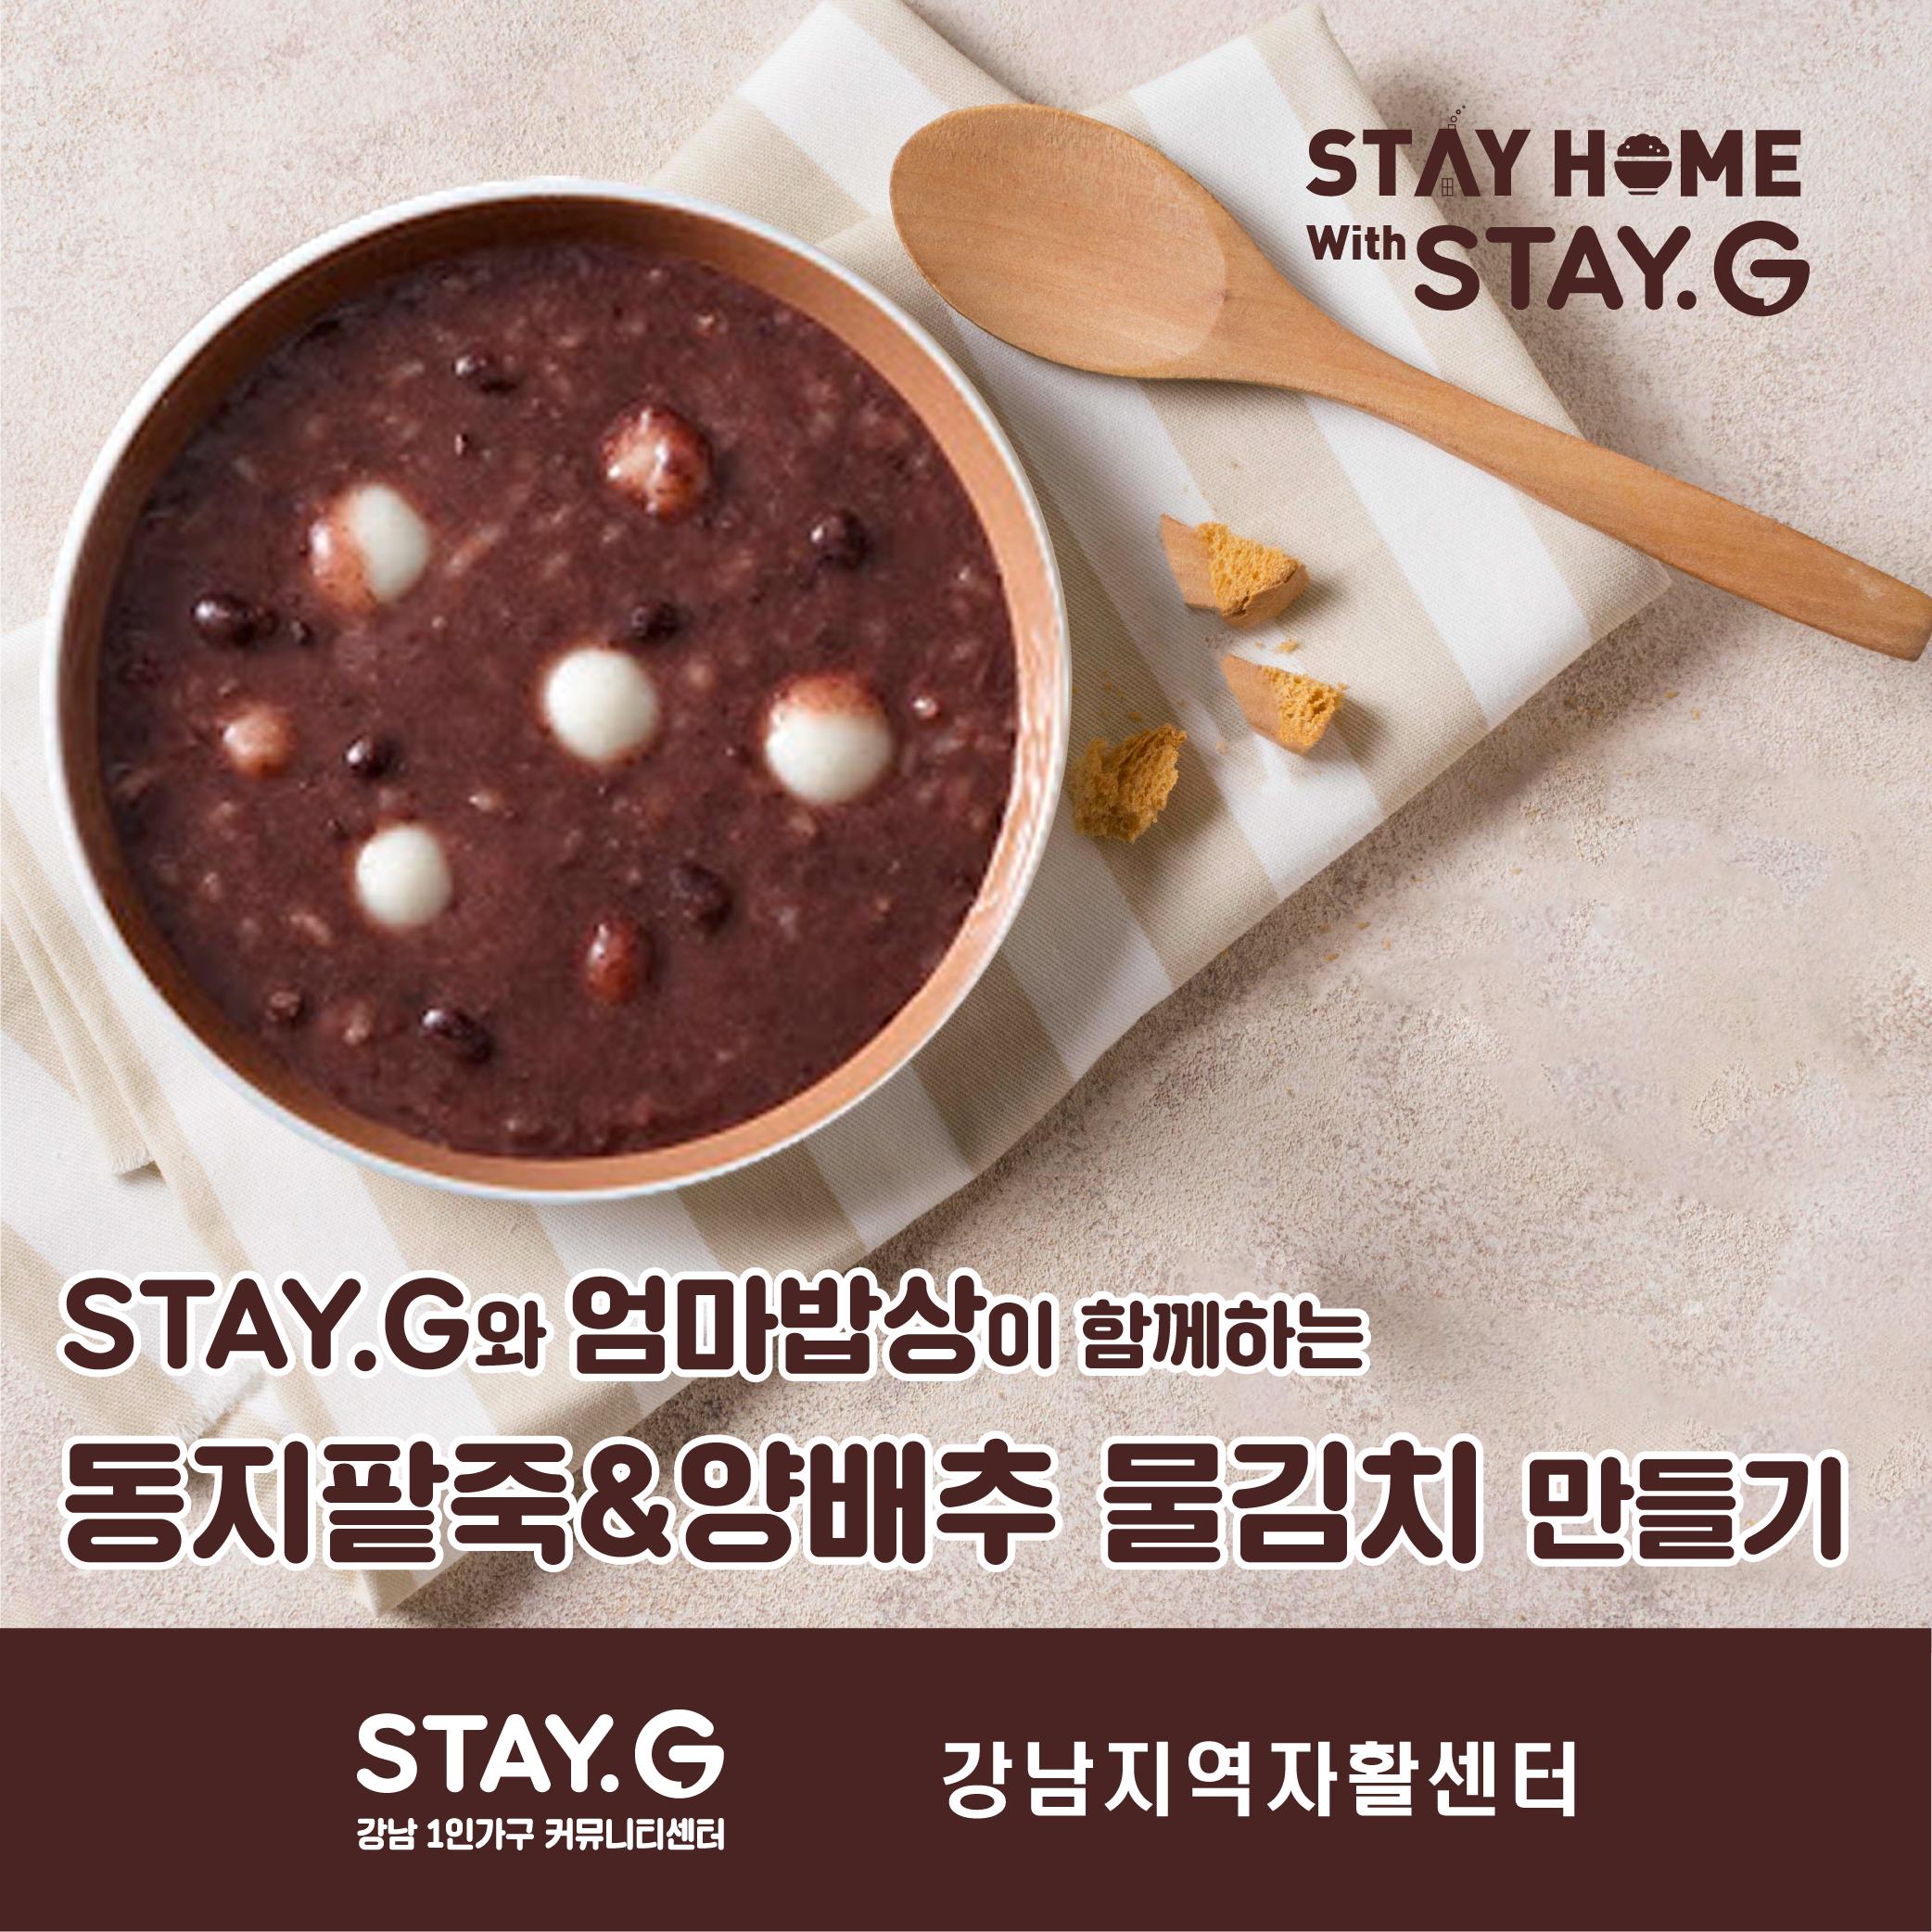 12월 라이브 소셜다이닝(엄마밥상XSTAY.G)